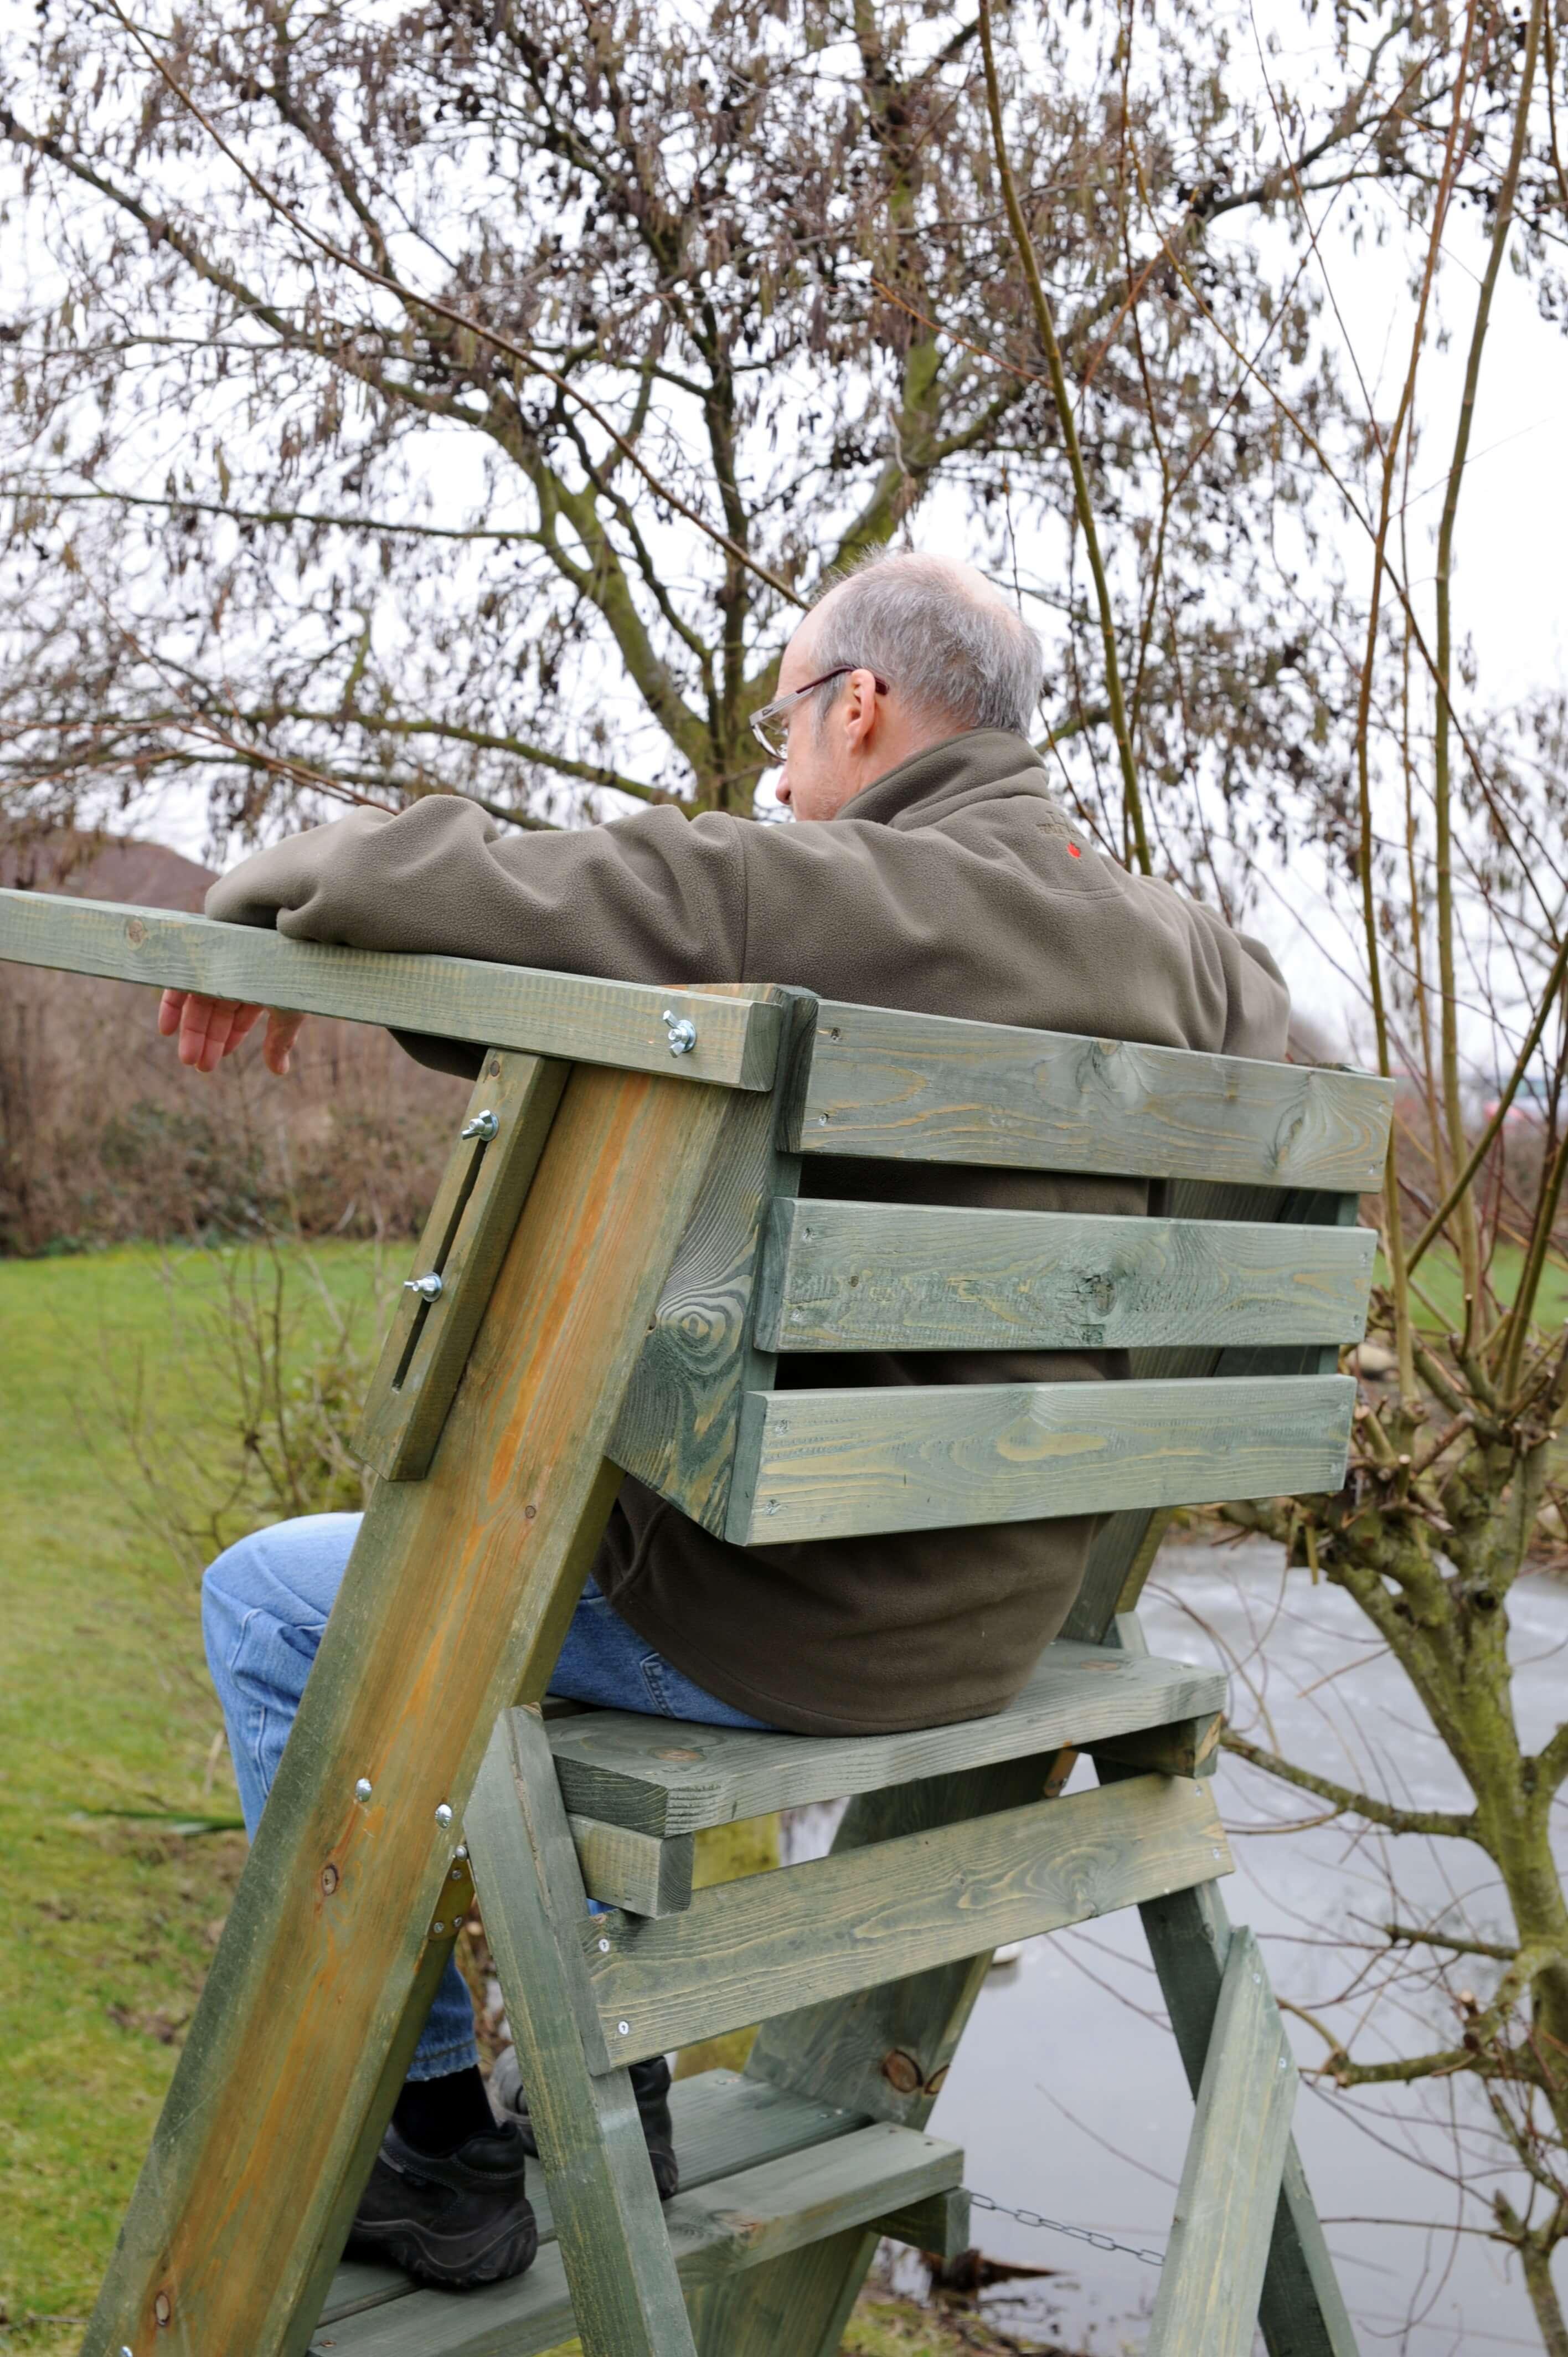 Ernteleiter mit Rückenverbreiterung